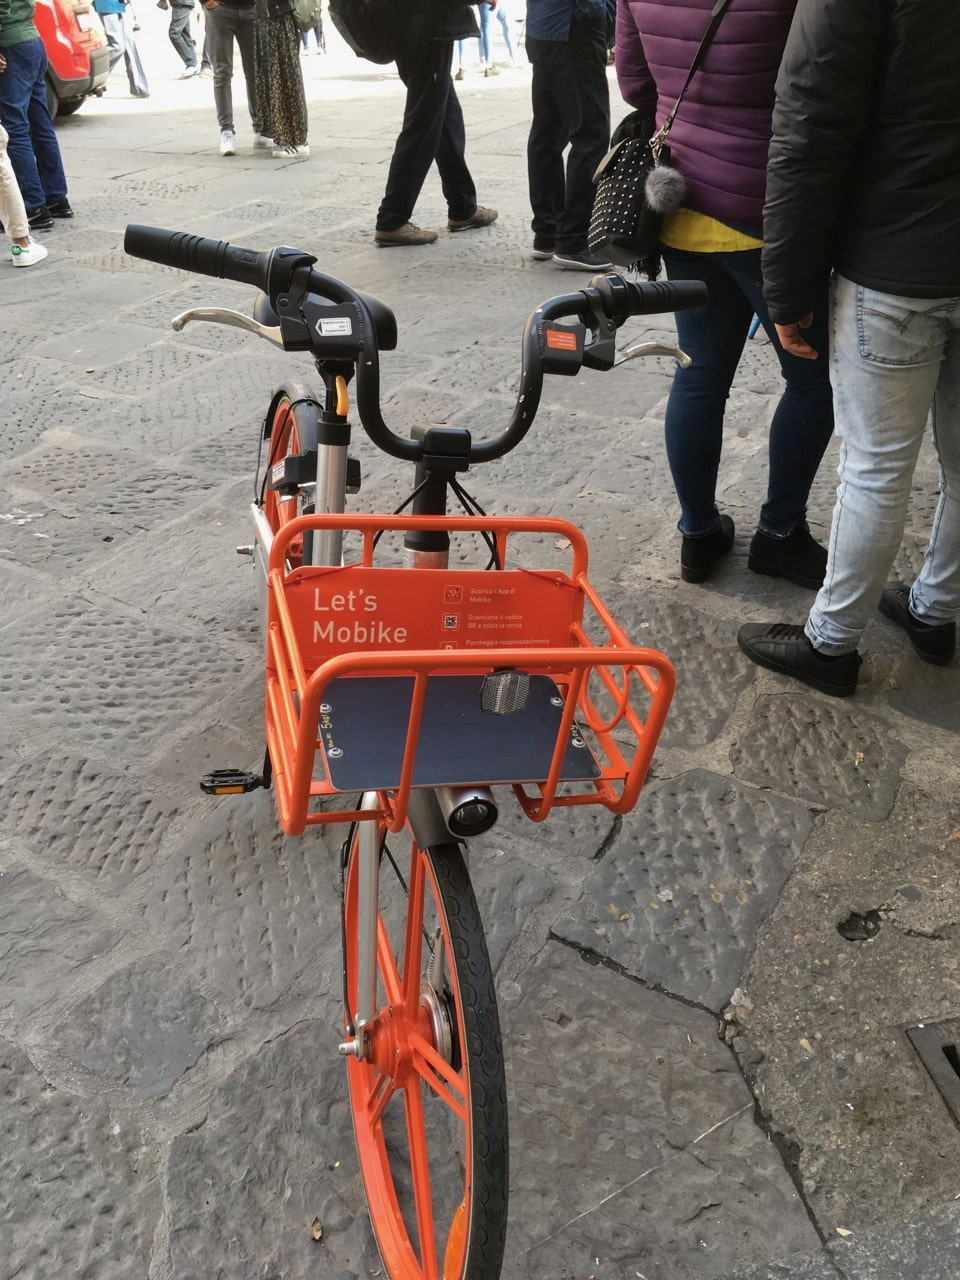 惊现摩拜共享自行车,好亲切